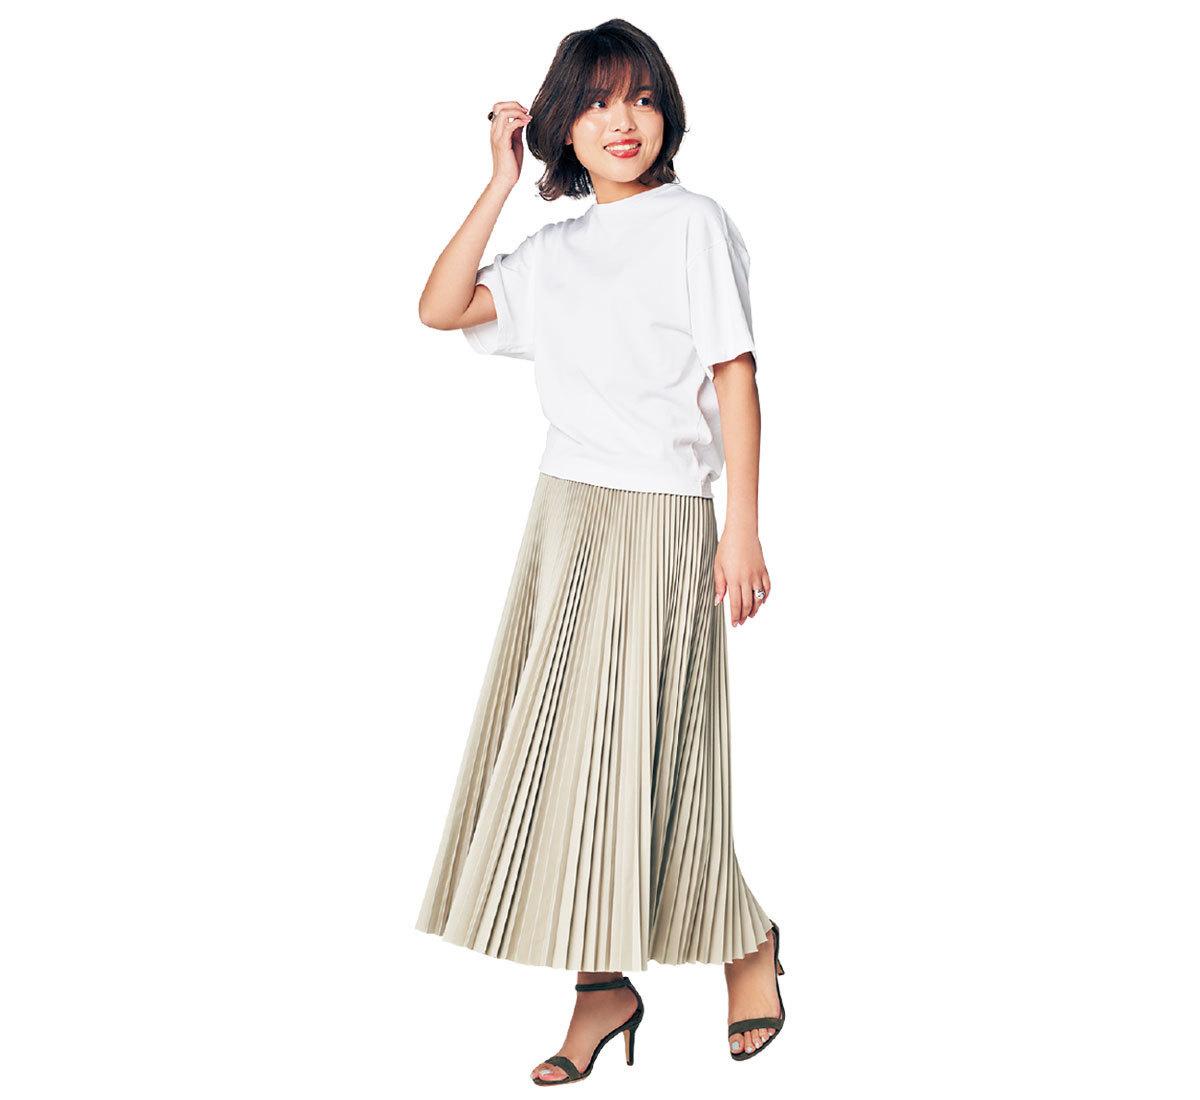 スカート派の白Tシャツの着丈